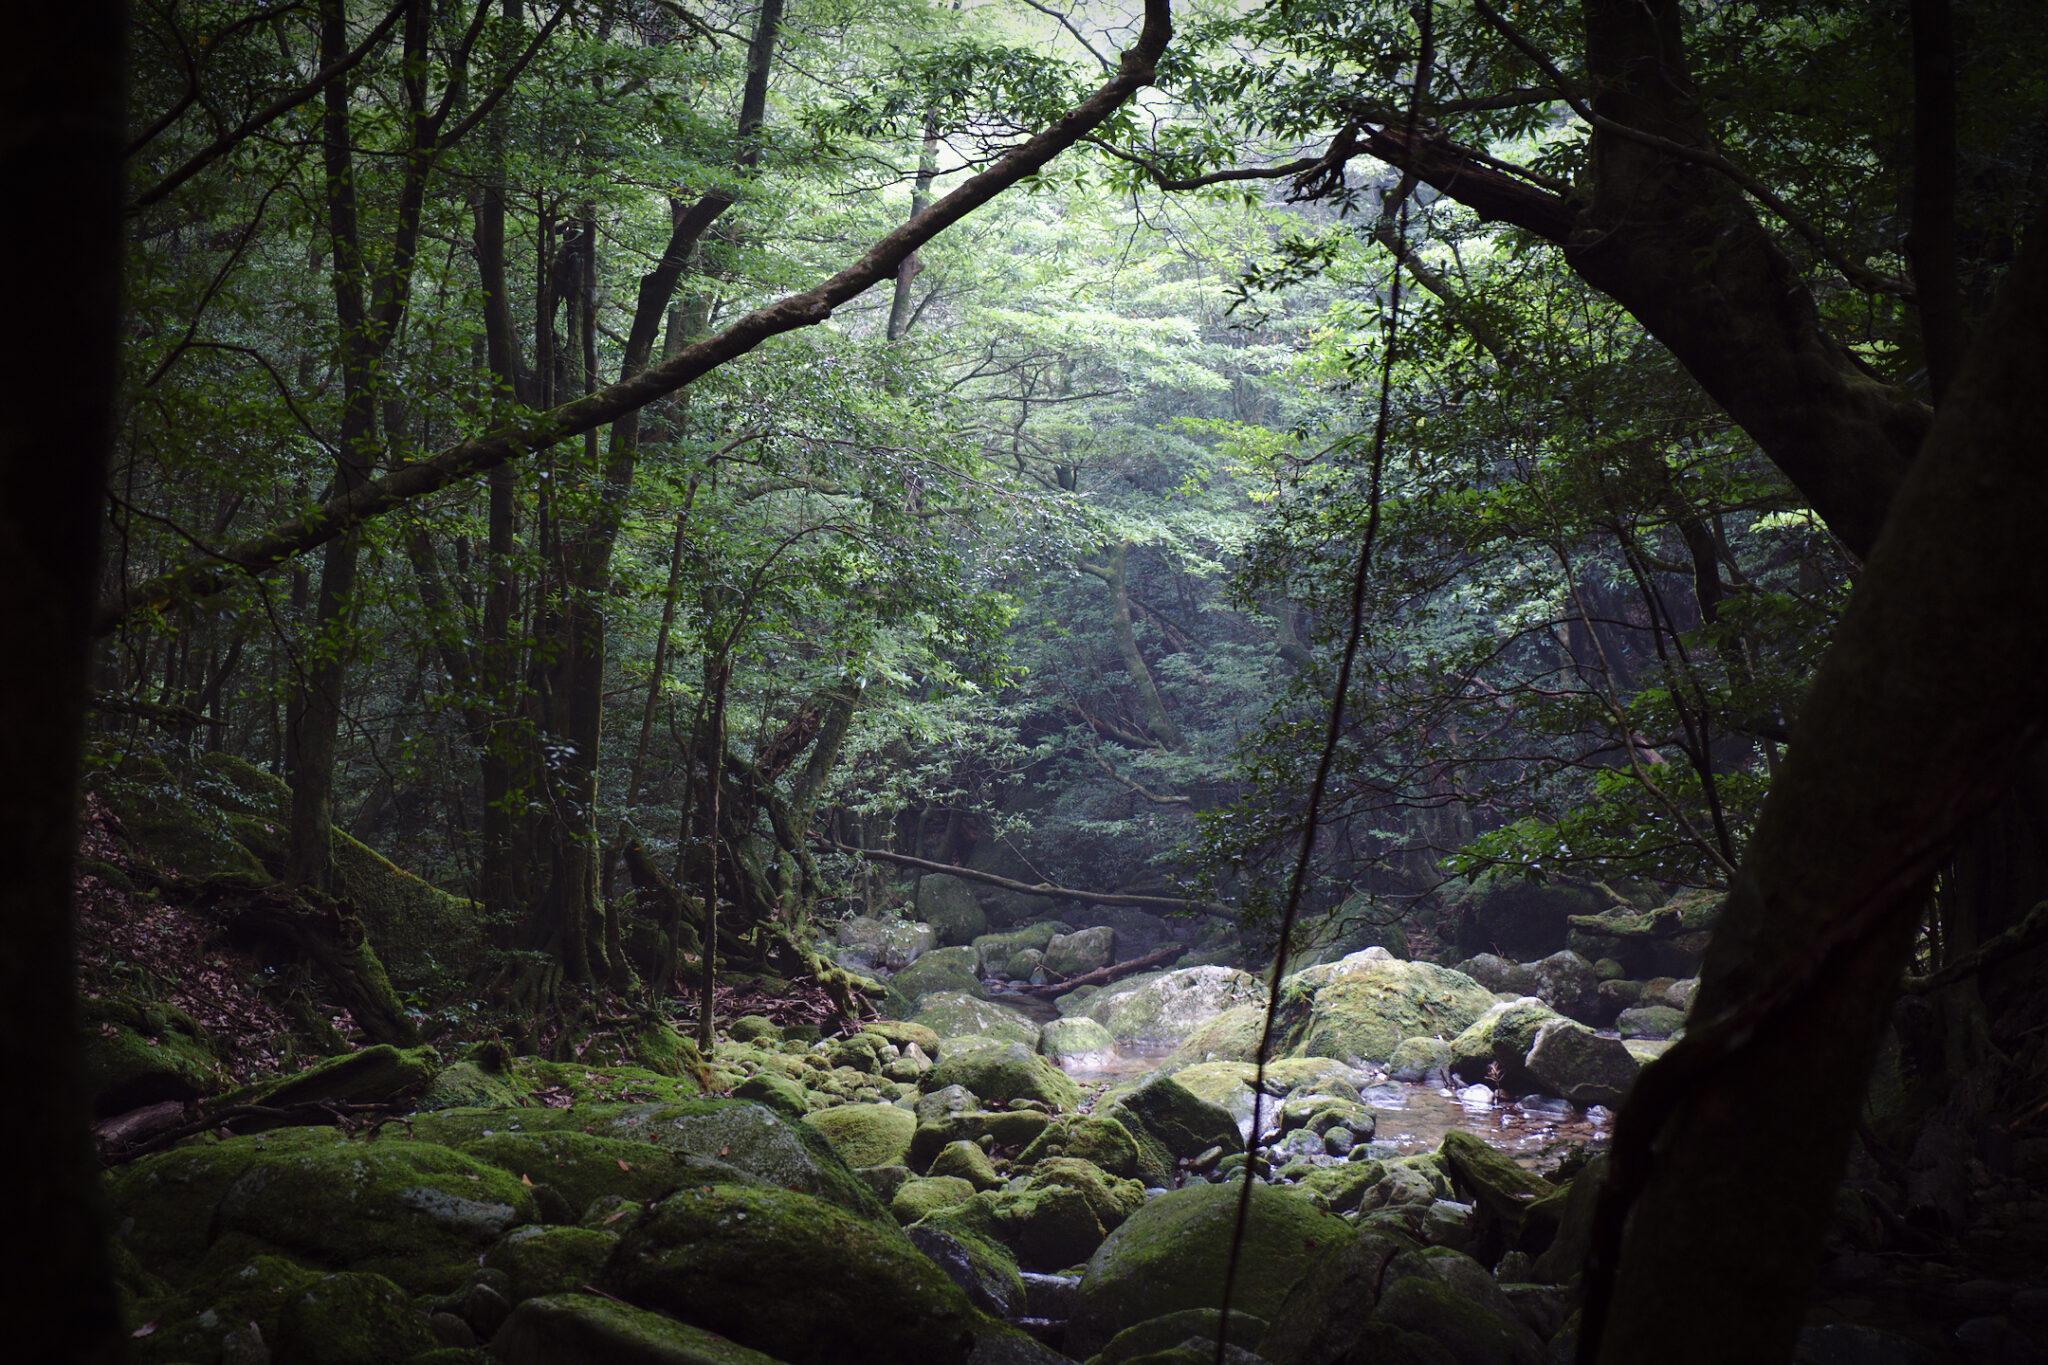 Yakushima – Shiratani unsui-kyō